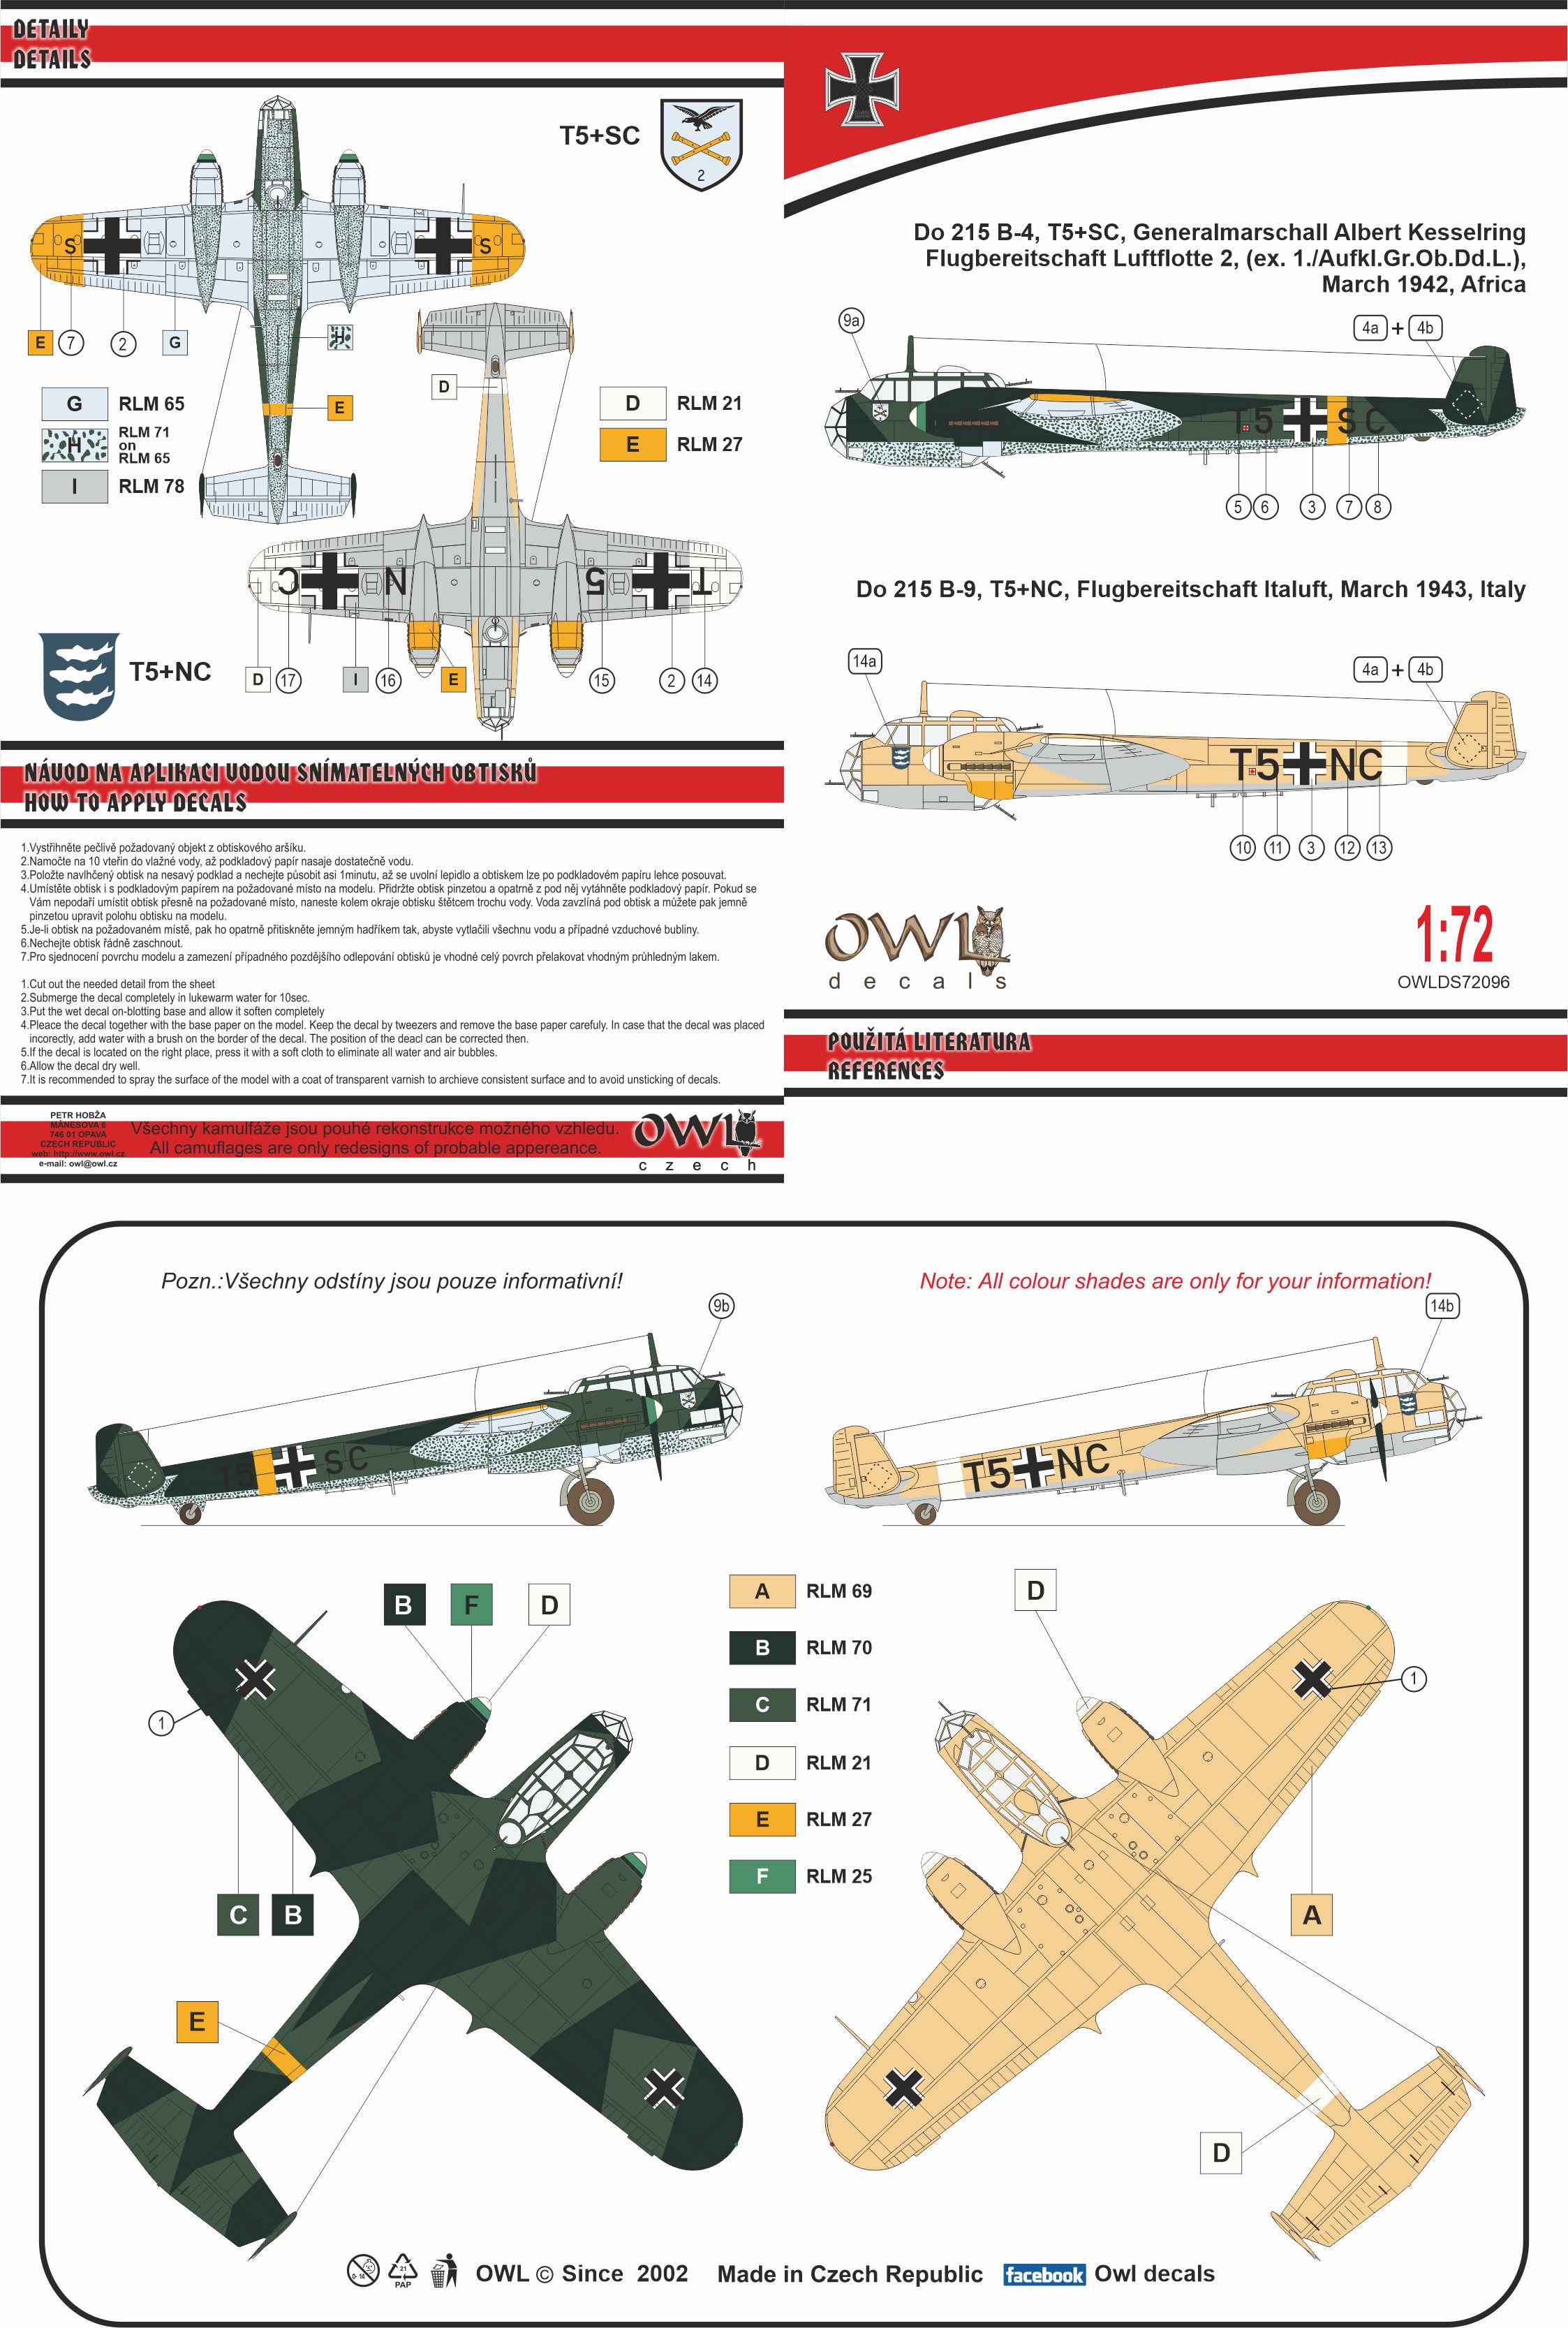 OWLDS7296